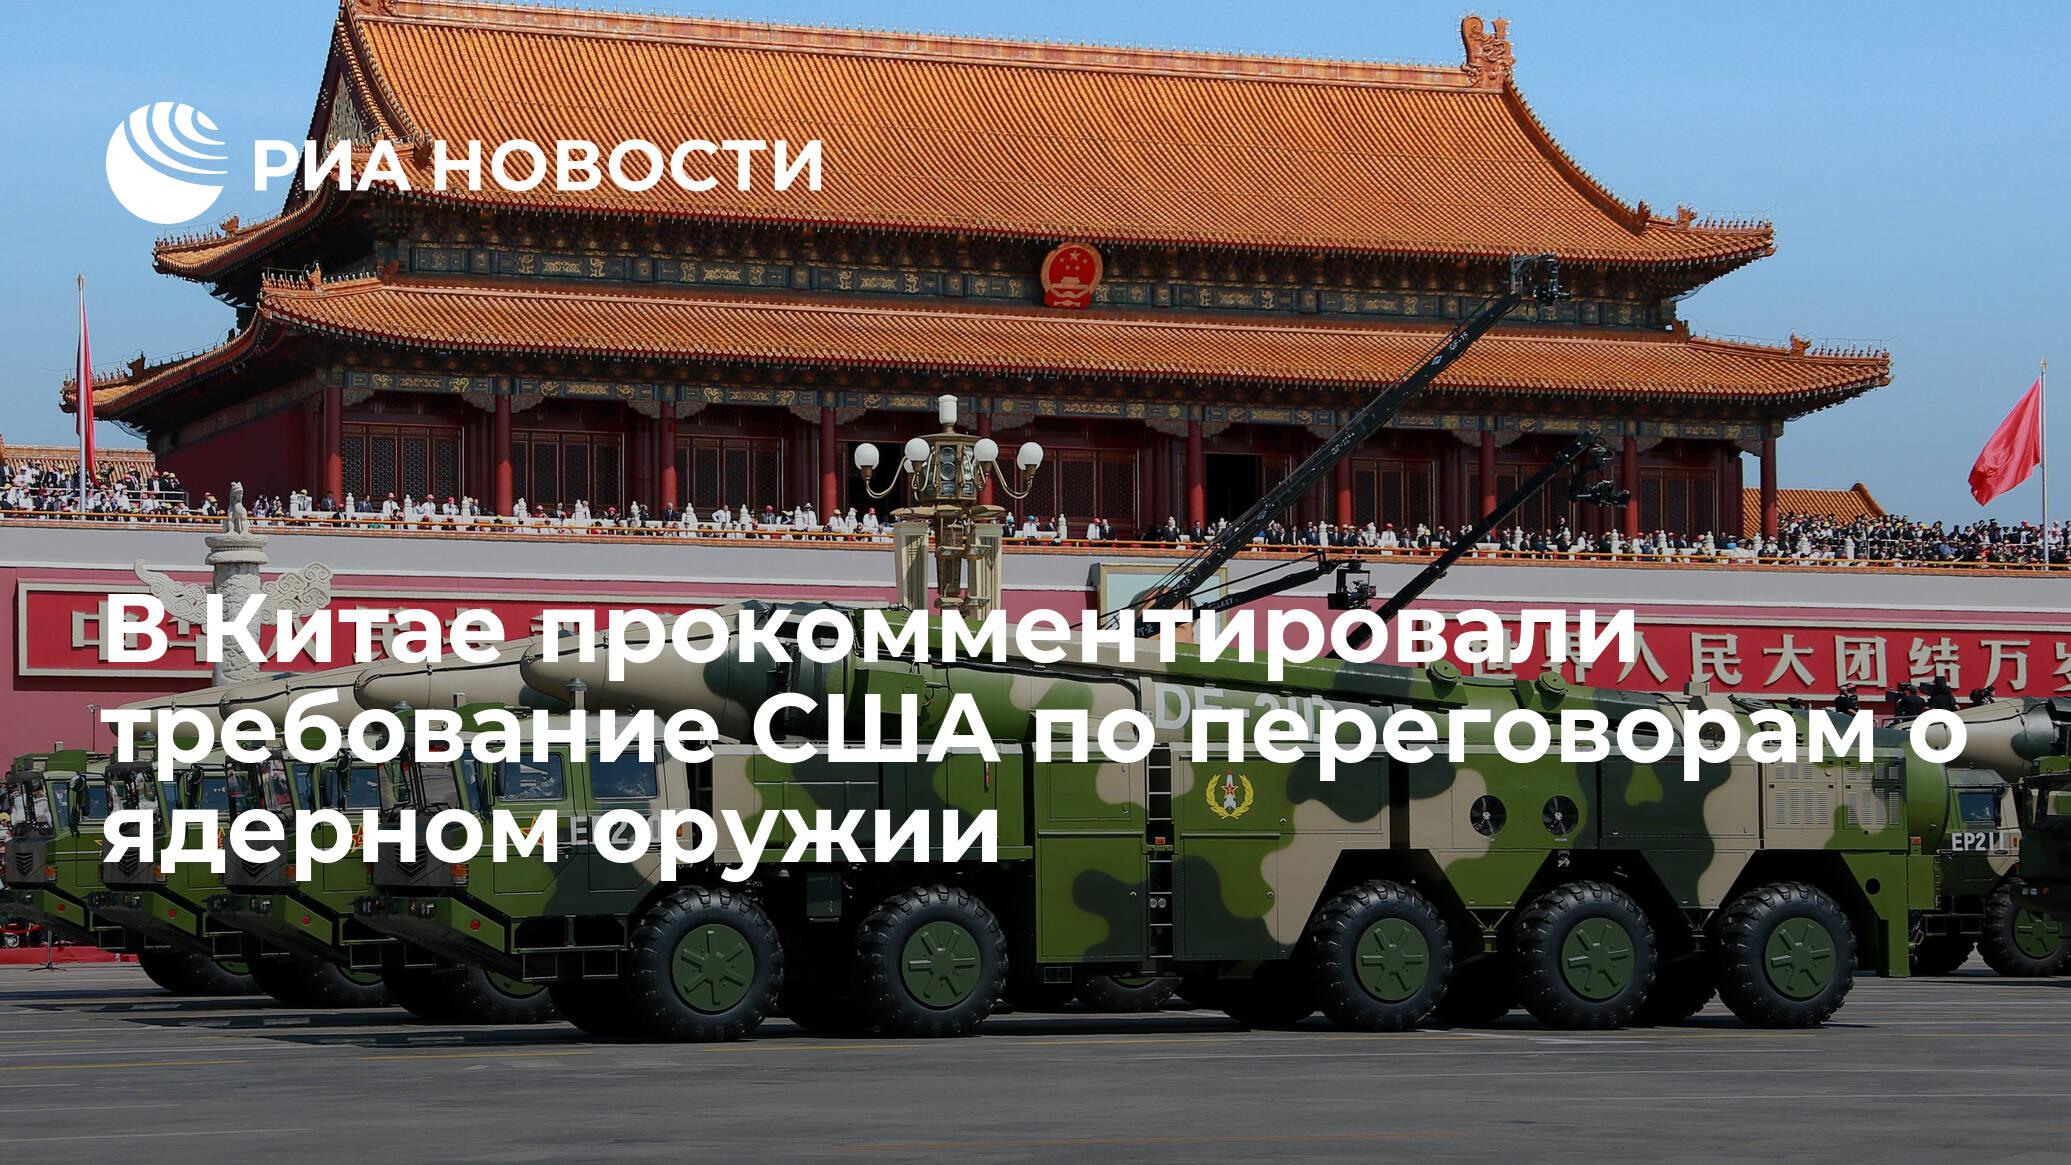 В Китае прокомментировали требование США по переговорам о ядерном оружии - РИА НОВОСТИ